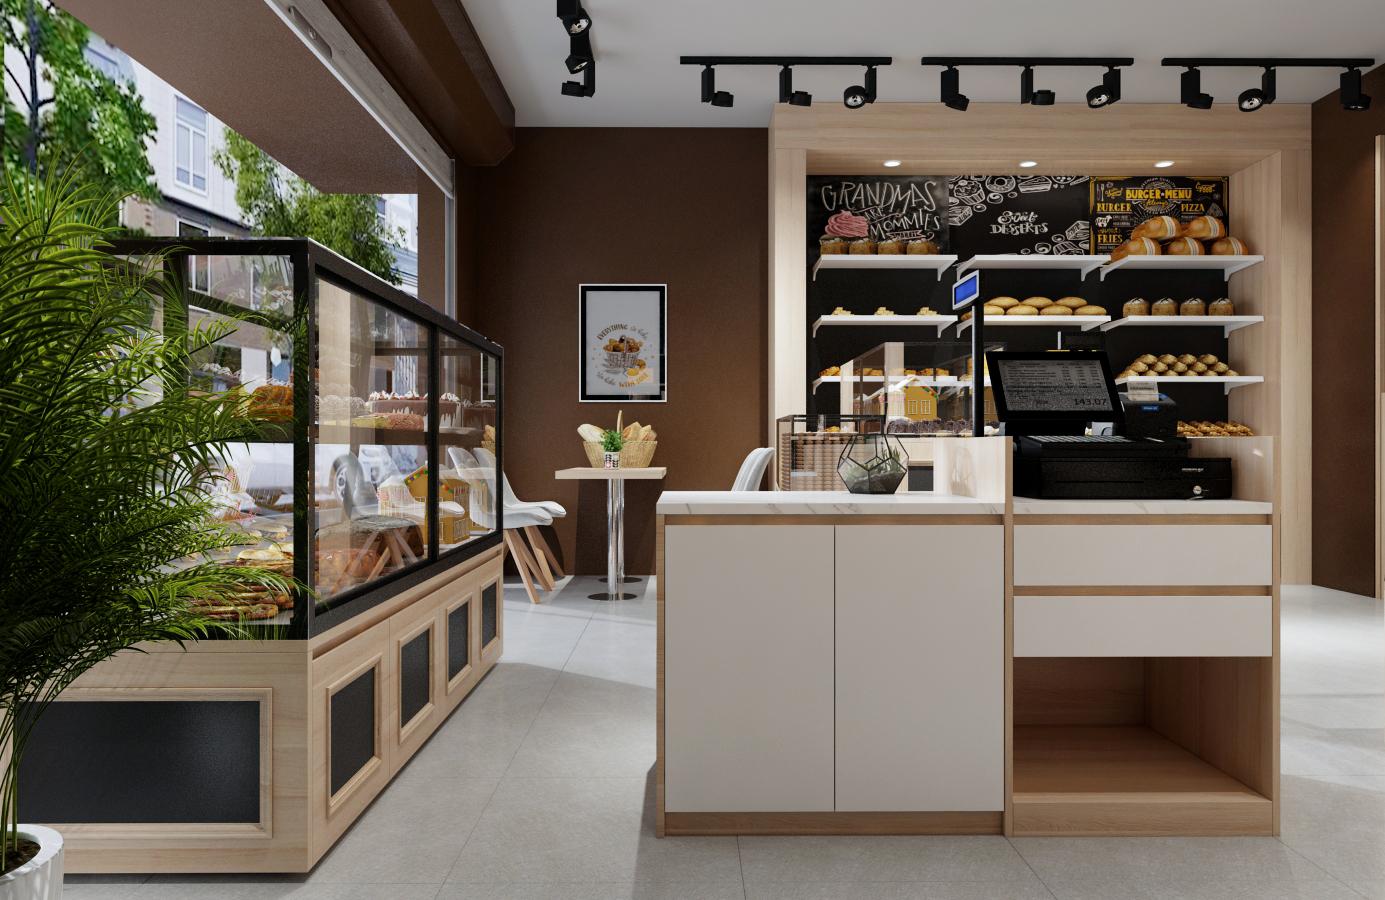 Thiết kế nội thất Nhà Hàng tại Hà Nội Đức Liên Bakery 1573645797 2